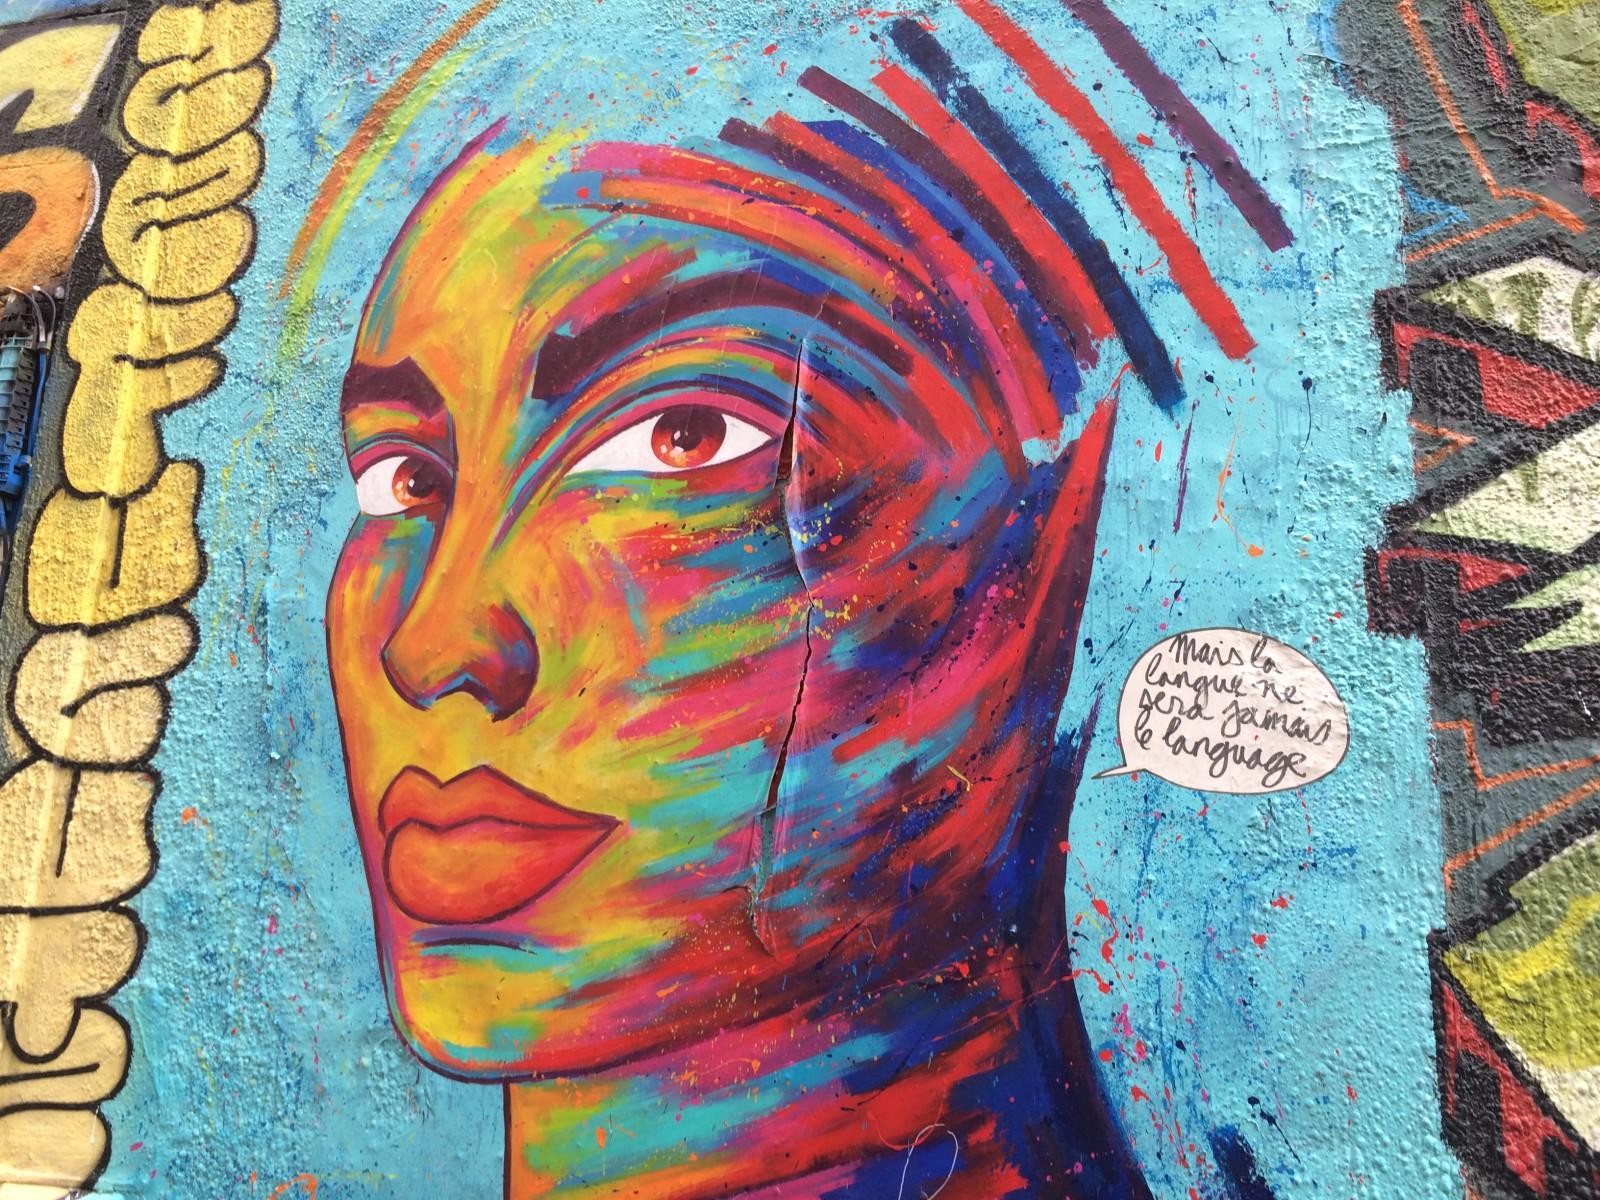 Tag de Manyoly à la Rue Pastoret à Marseille. ©MD